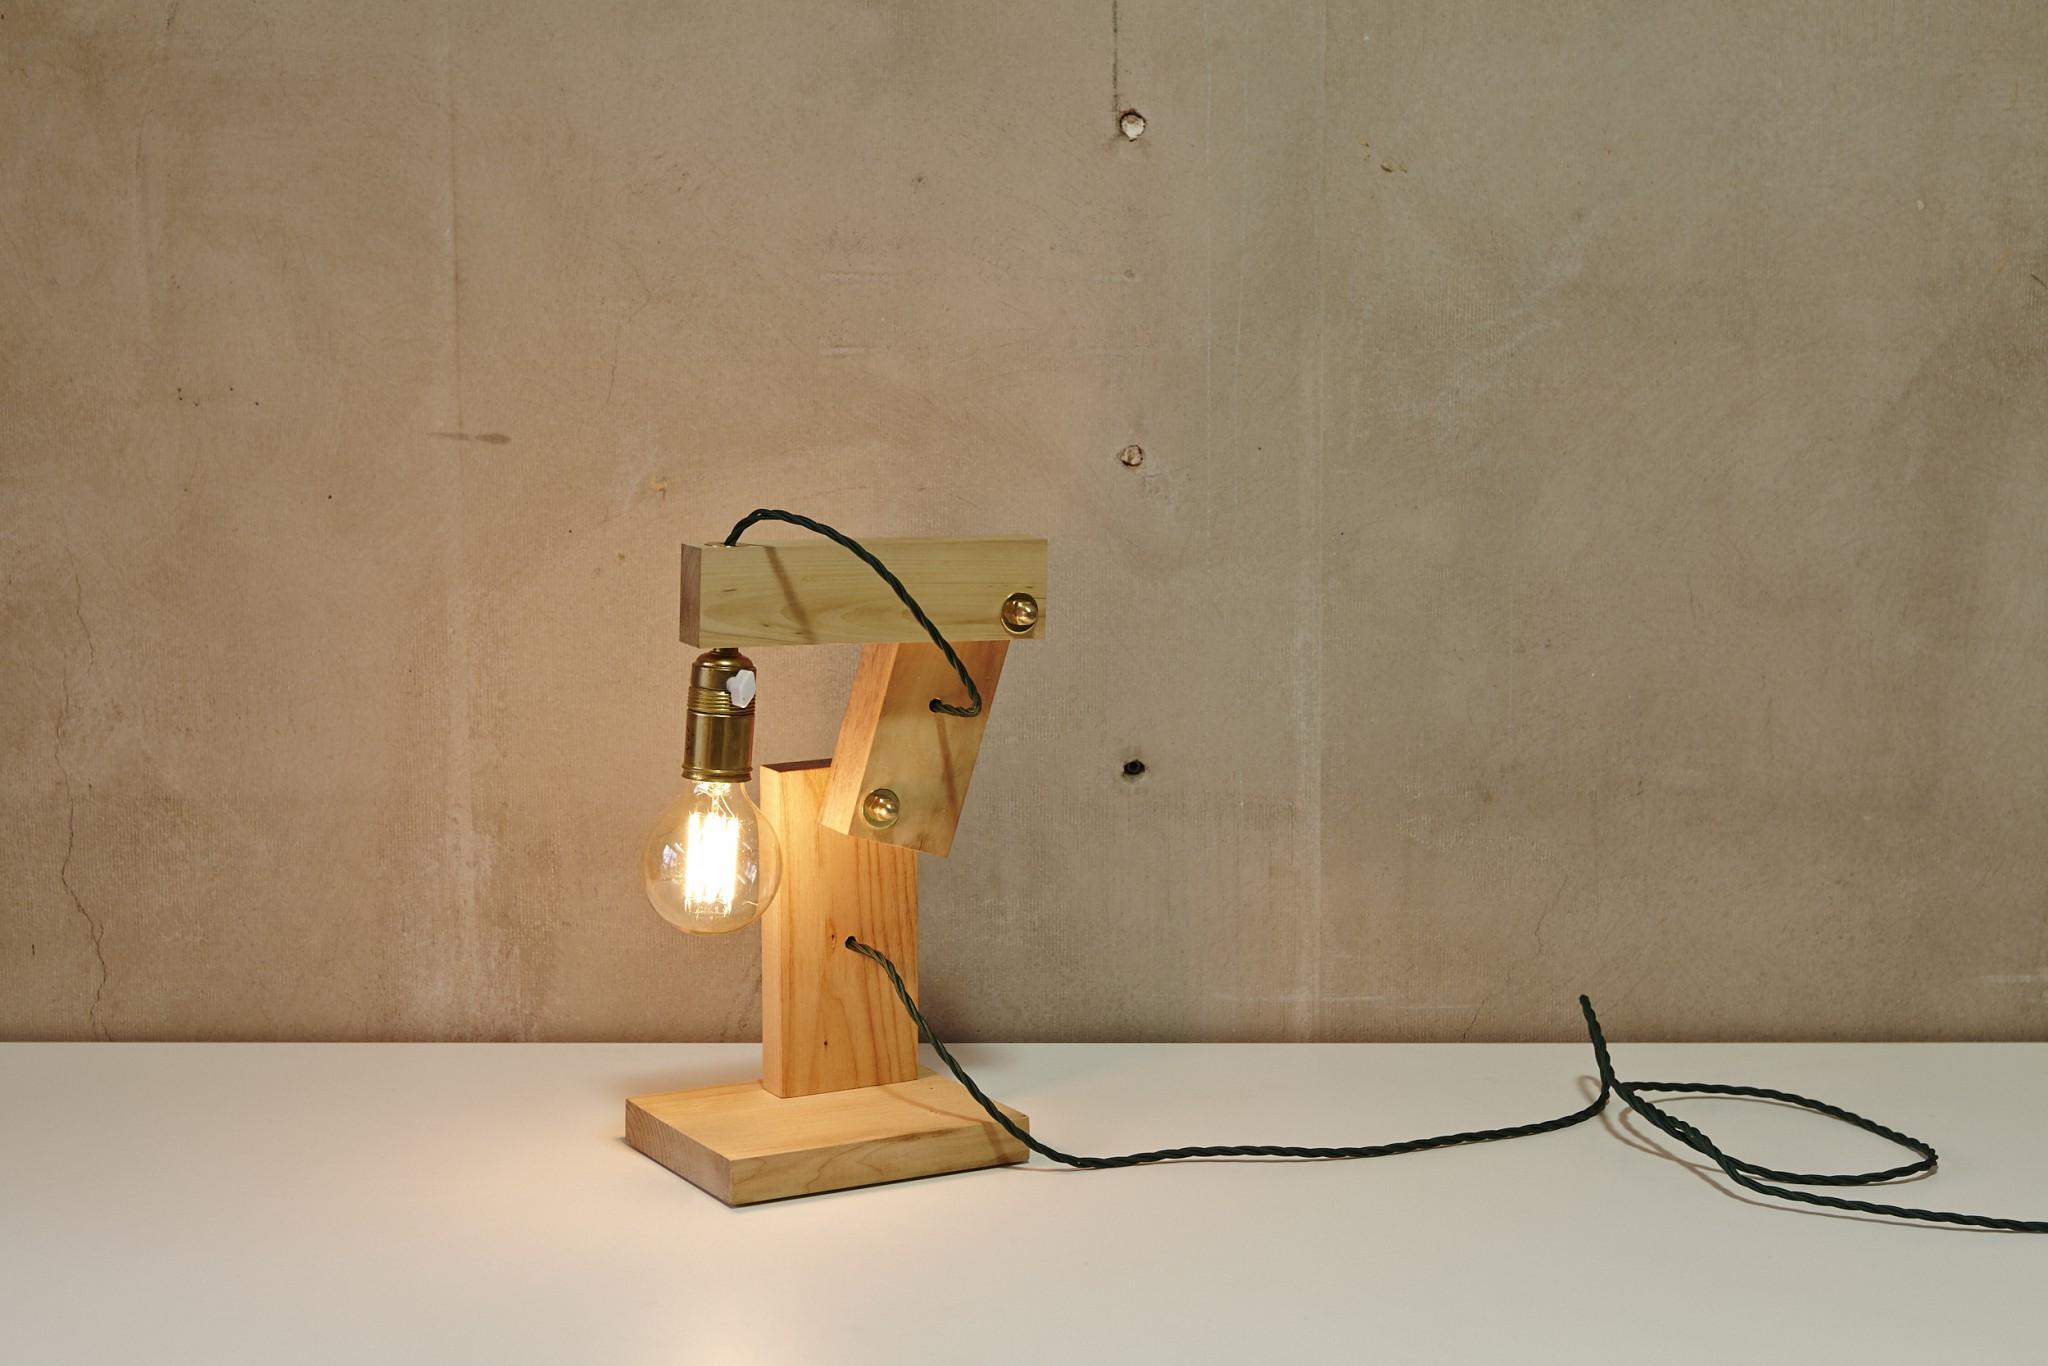 Handgefertigtes Lichtobjekt aus Holz von Georg Emrich / Diverses